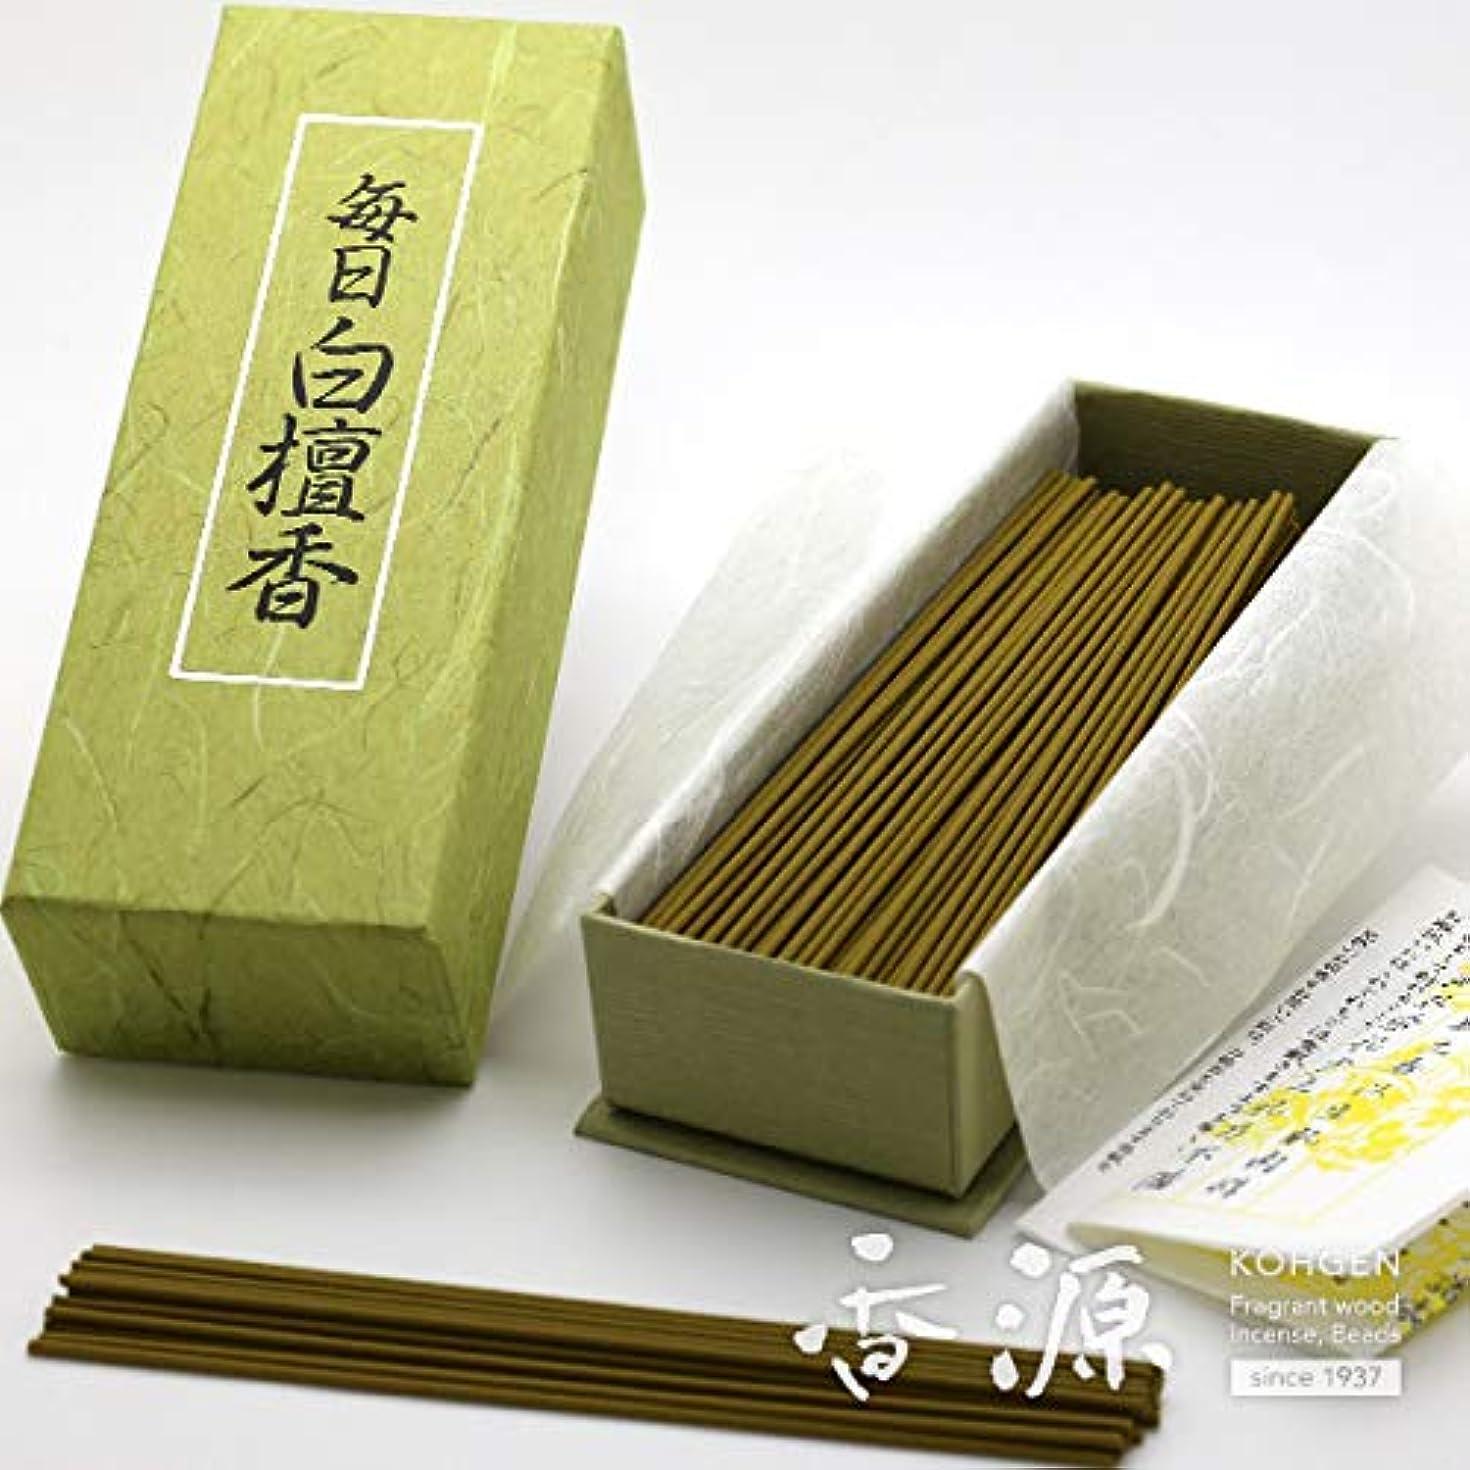 パステル魅力的であることへのアピール粉砕する日本香堂のお香 毎日白檀香 お徳用バラ詰